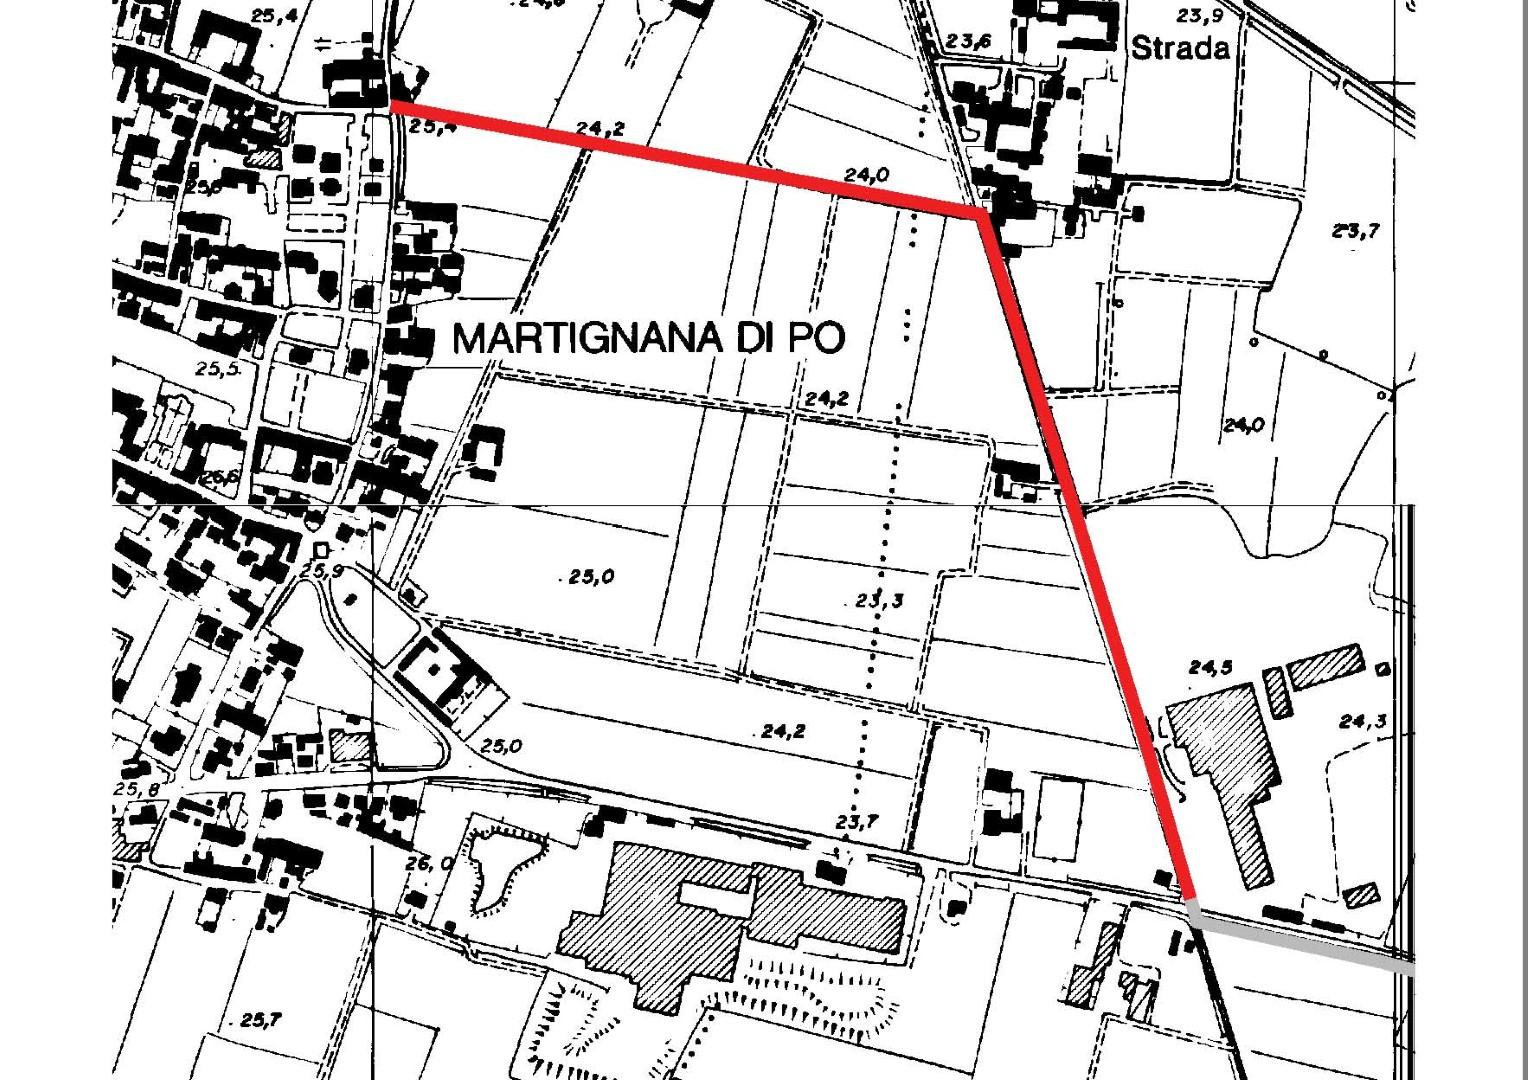 Rete fognaria - Martignana di Po (CR)